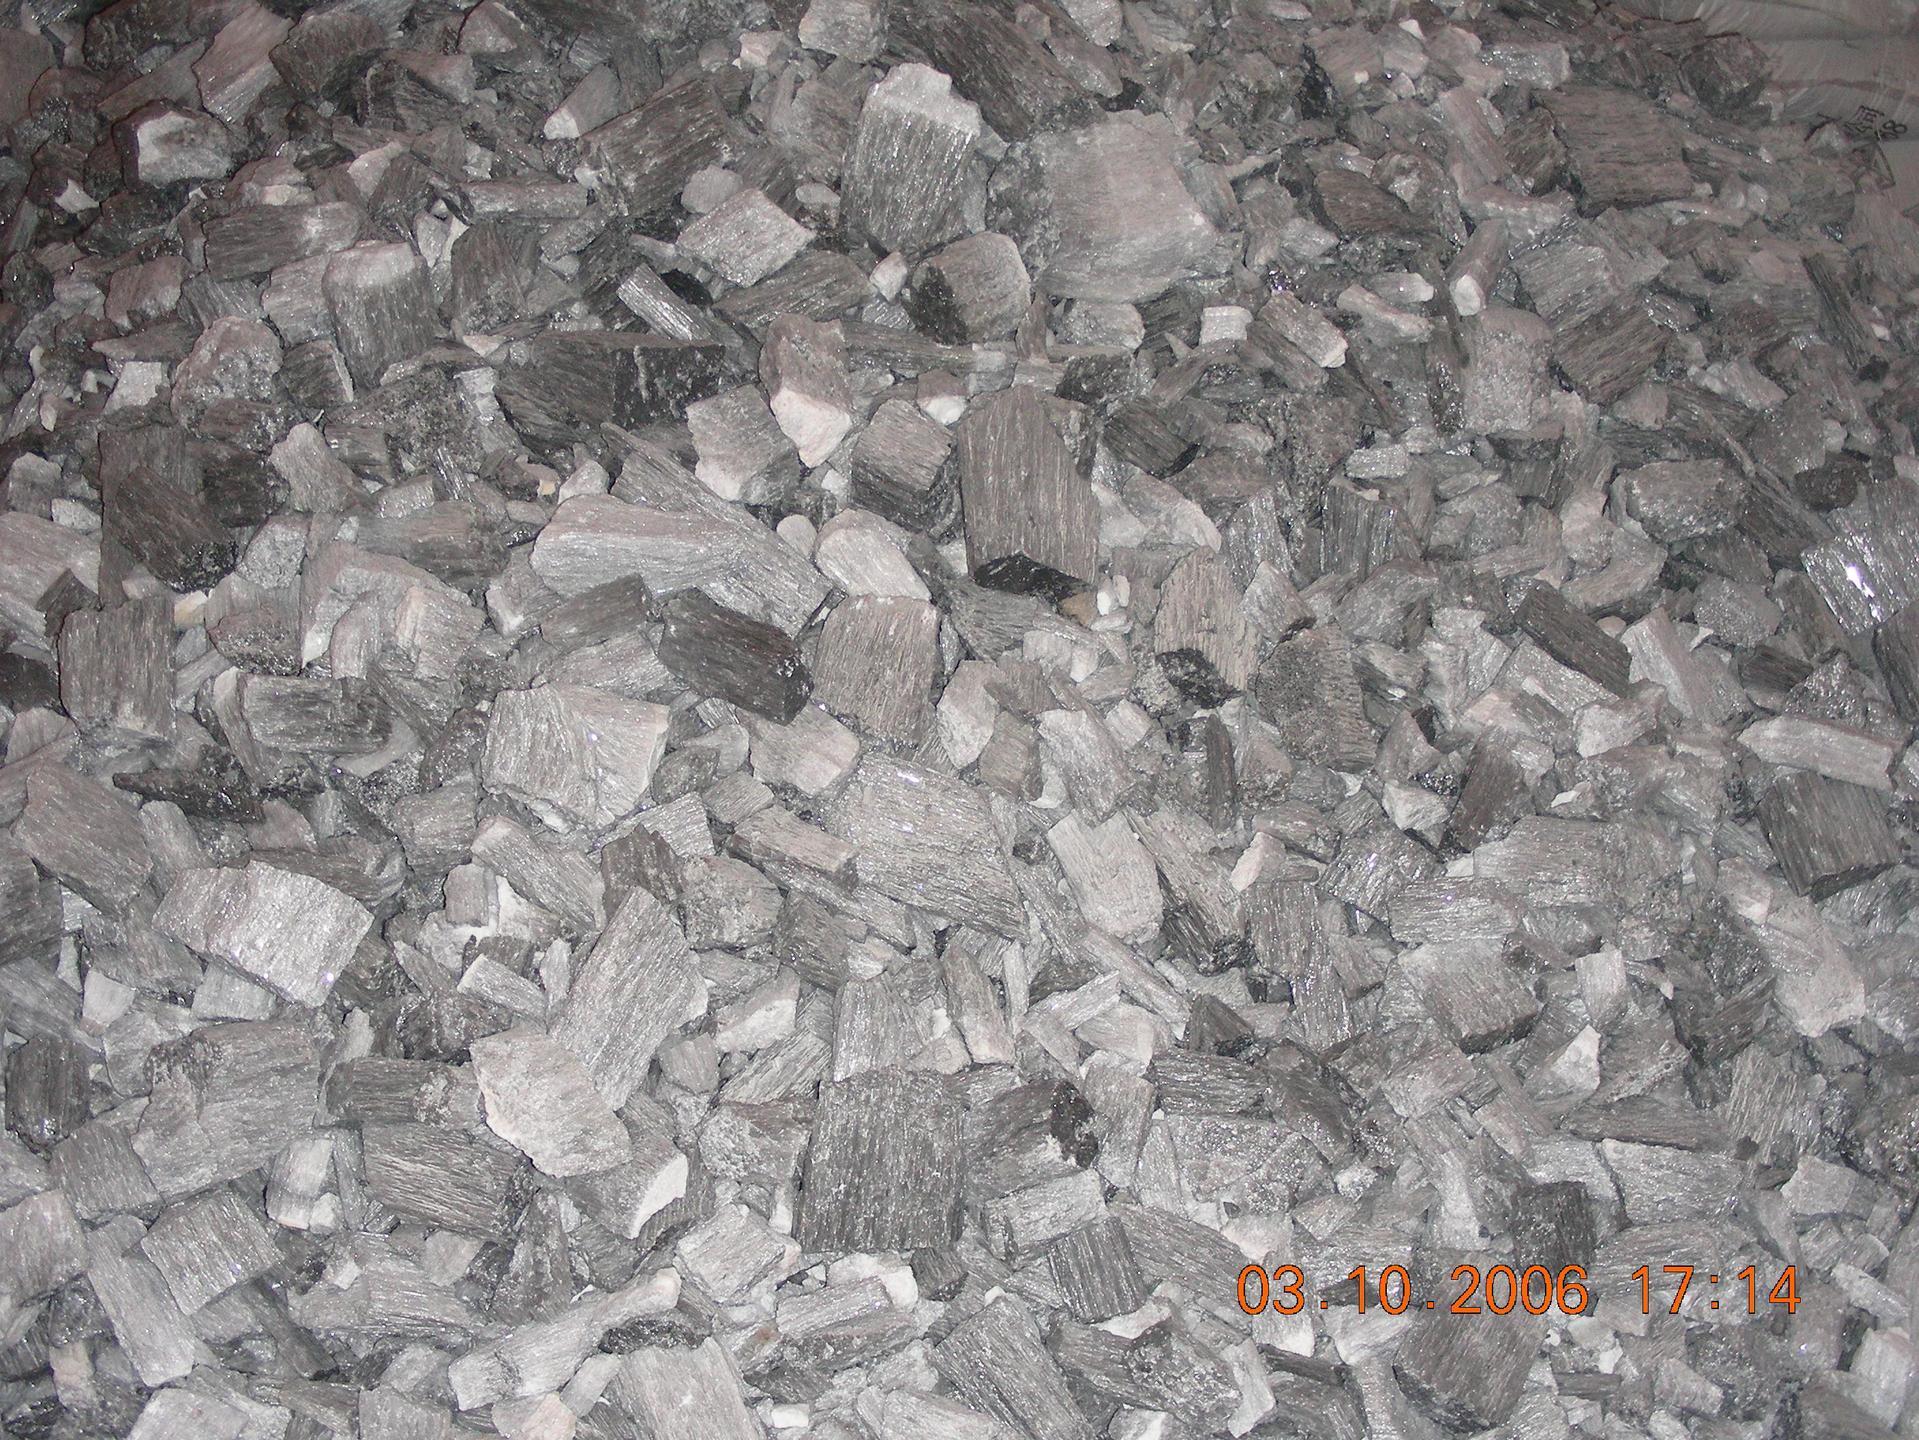 CHENRUI Khoáng sản phi kim loại Khoáng sản phi kim loại, bột mullite nung chảy điện để đúc luyện kim